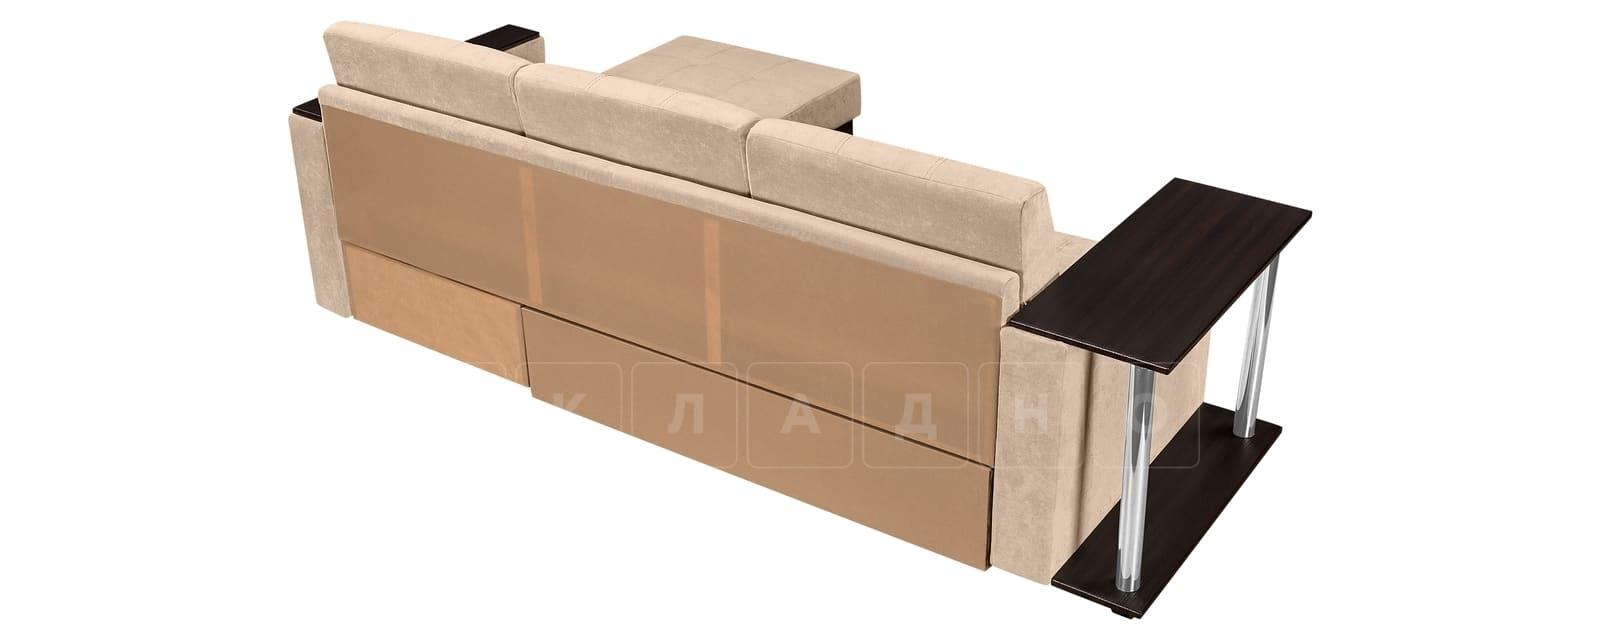 Угловой диван Атланта вельвет бежевый фото 3 | интернет-магазин Складно